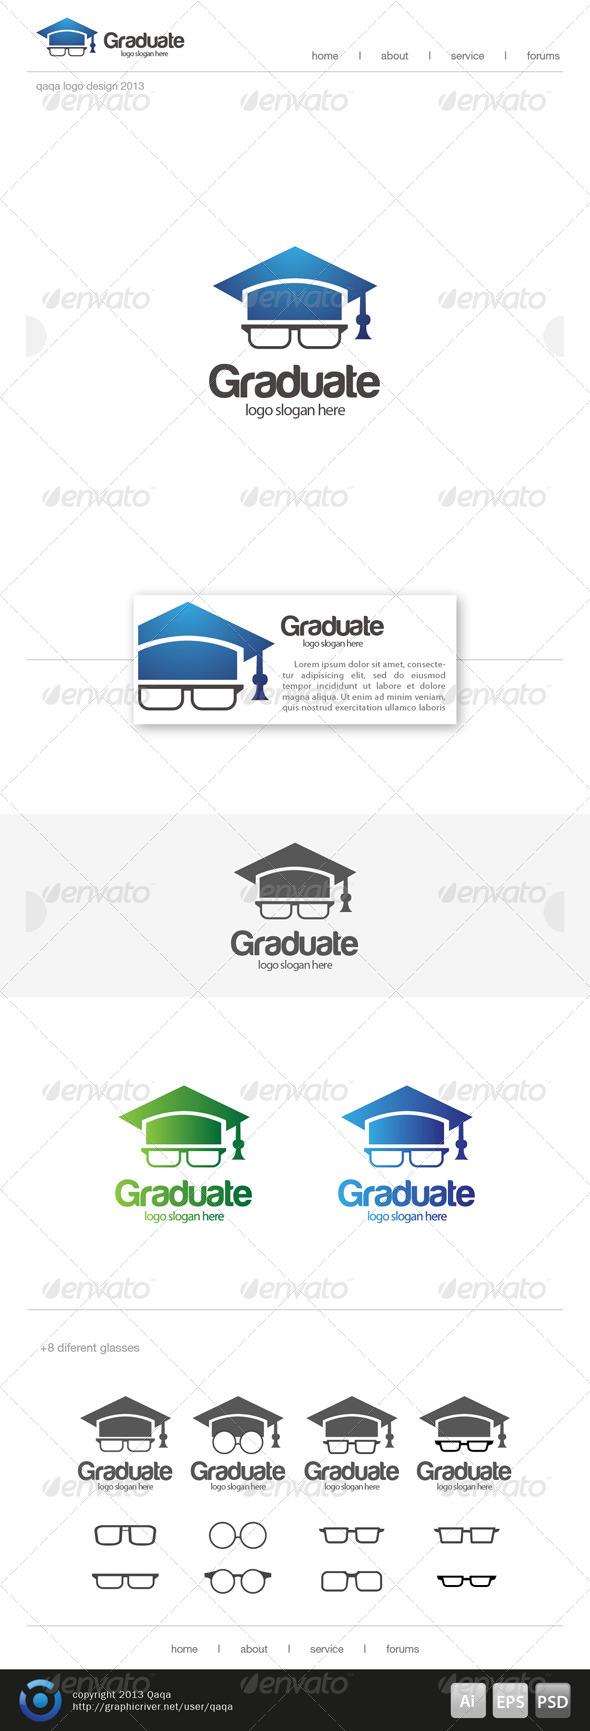 GraphicRiver Geeks Graduate Logo 6493728